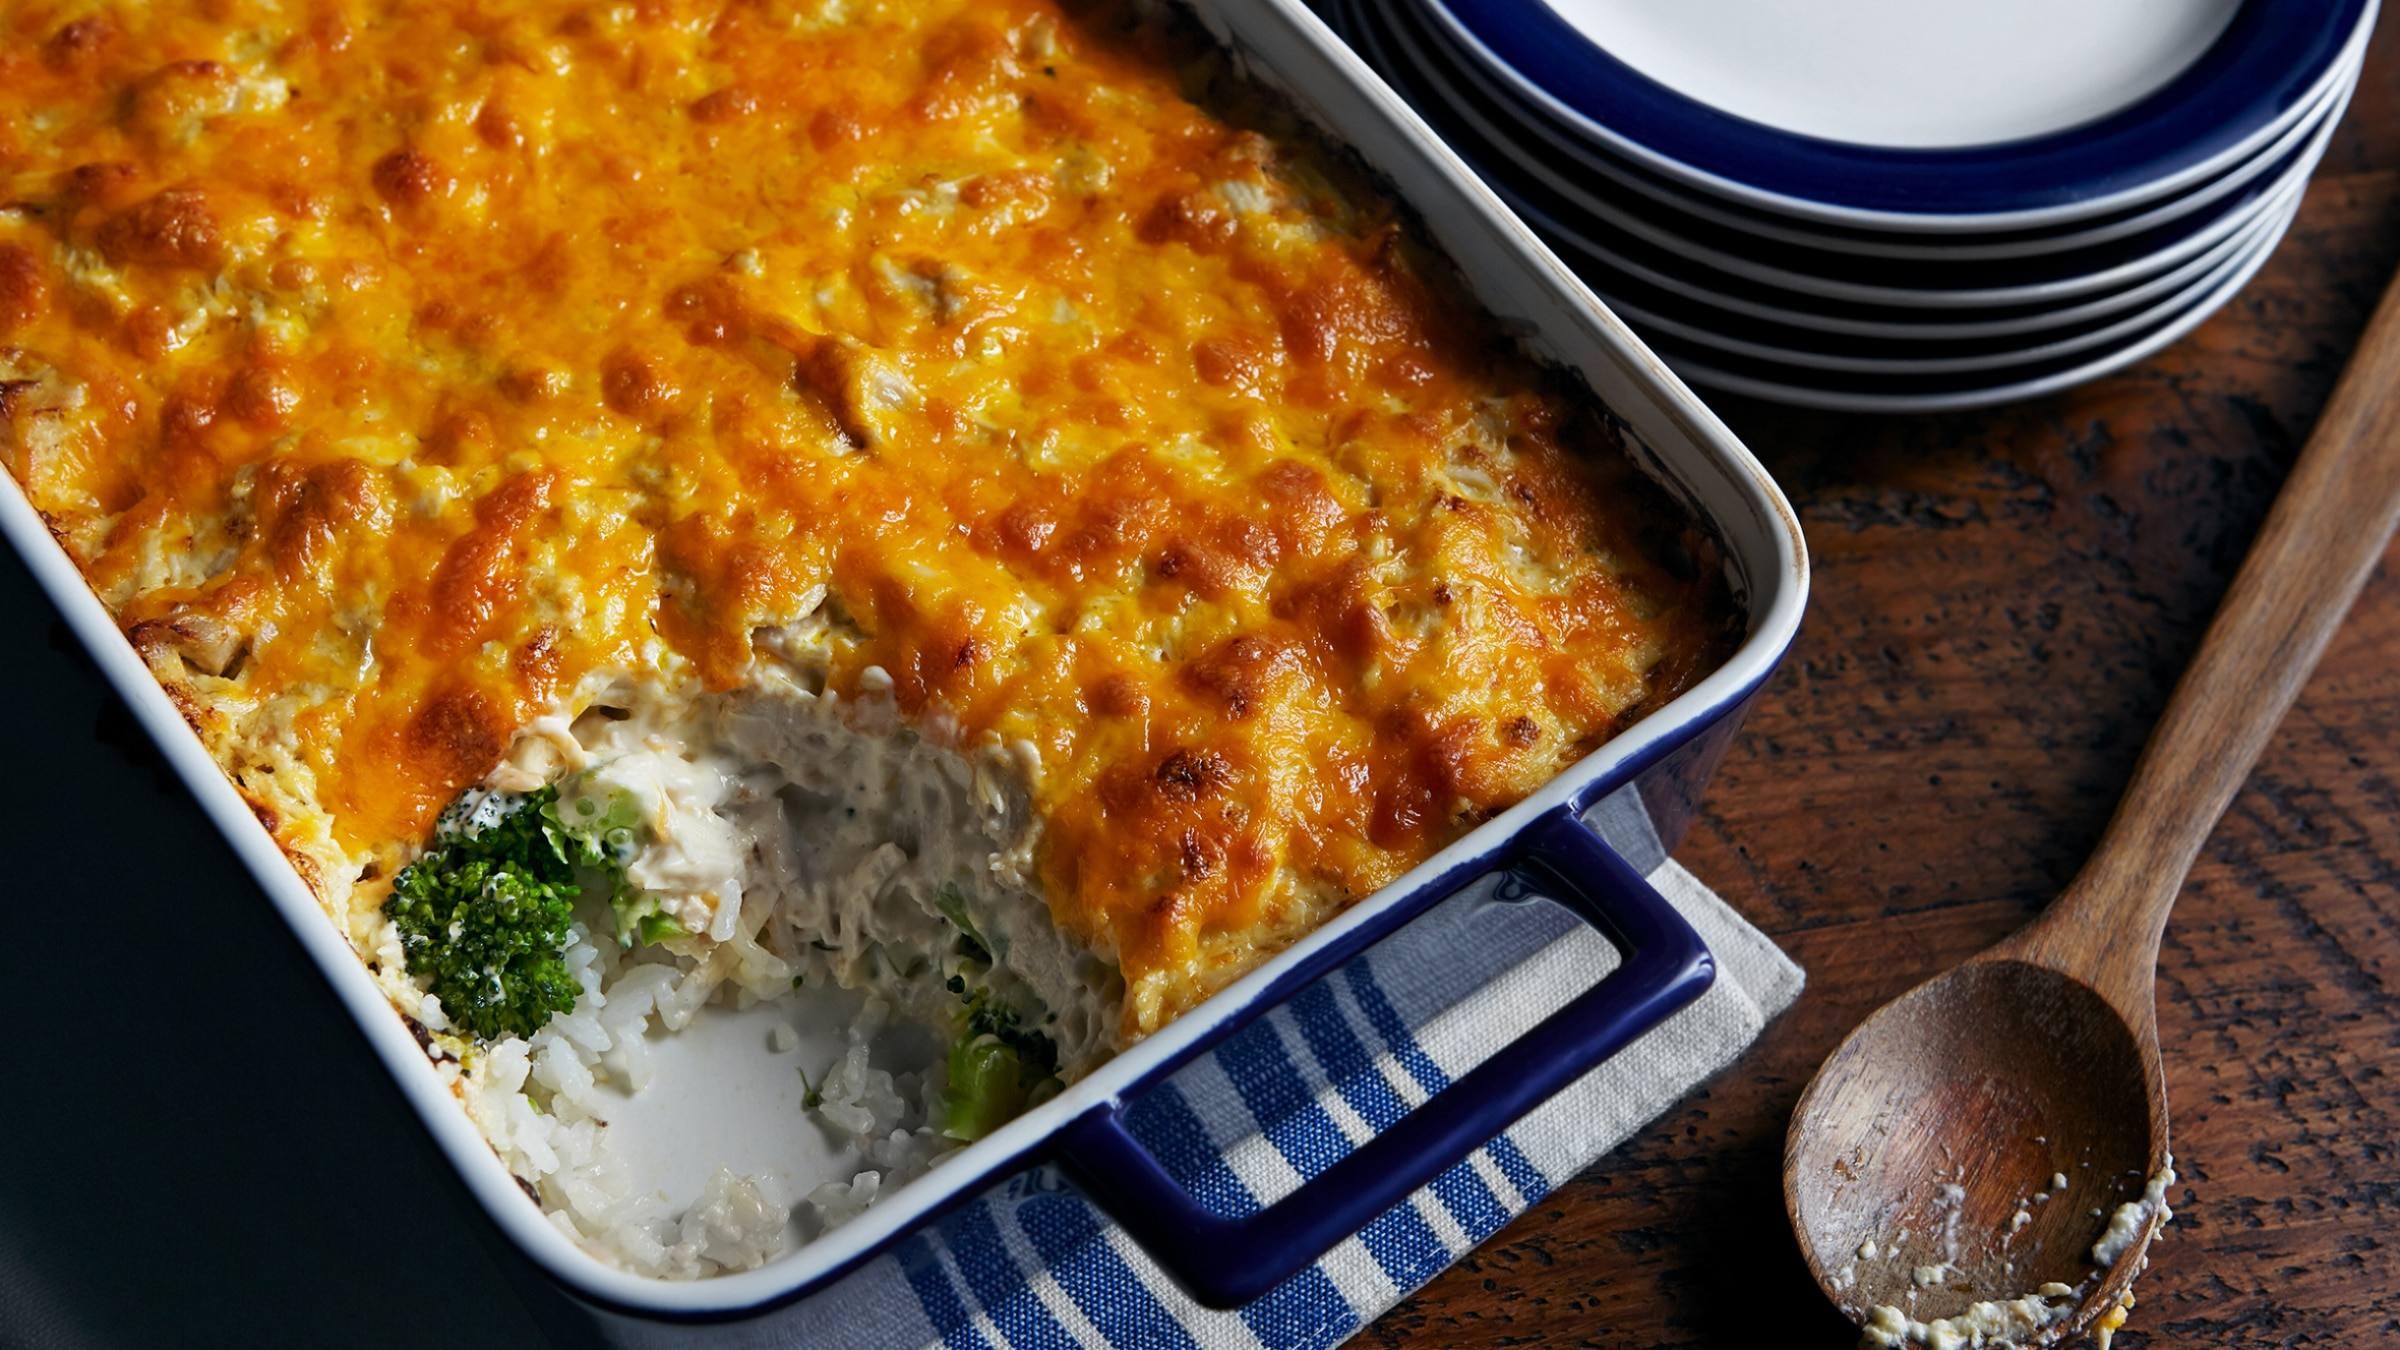 Chicken Broccoli Casserole Recipe